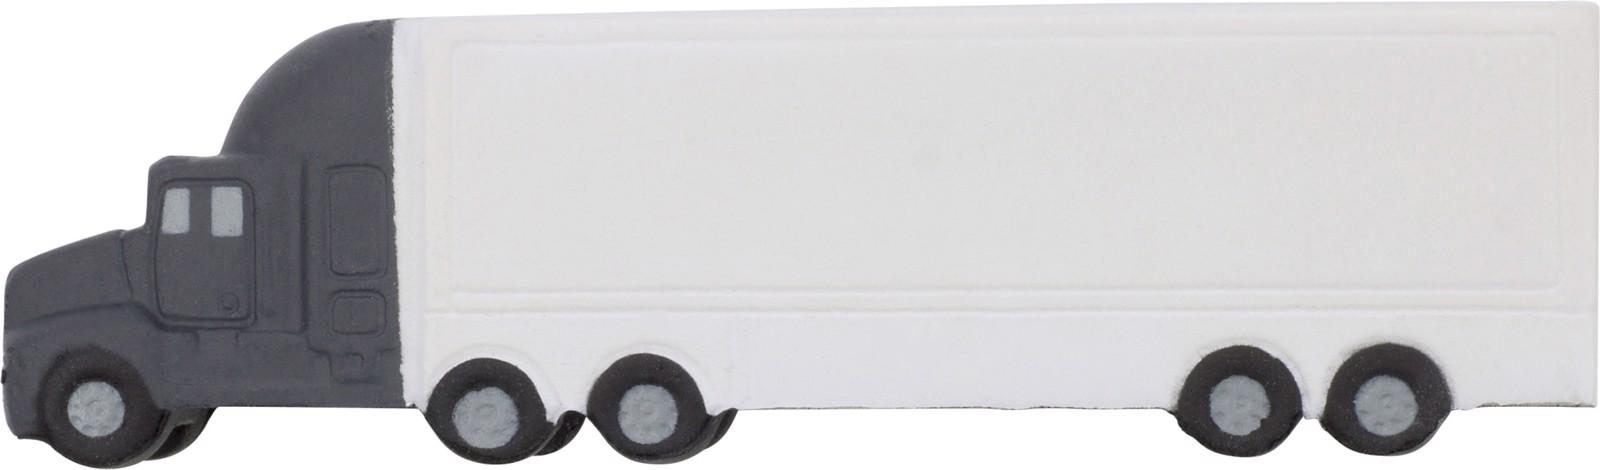 PU foam truck